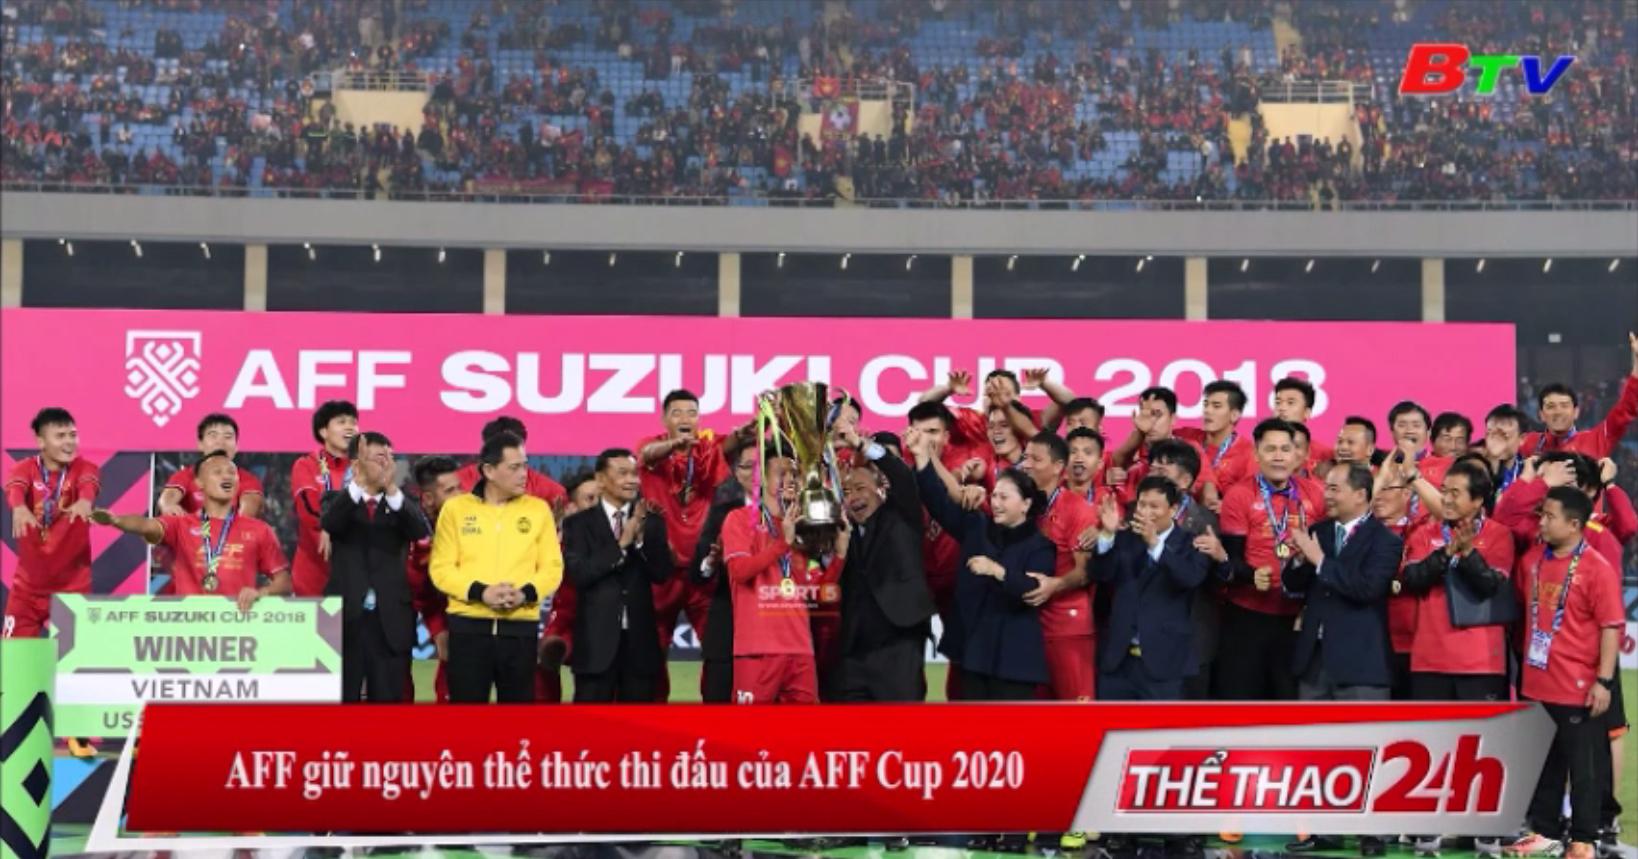 AFF giữ nguyên thể thức thi đấu của AFF Cup 2020